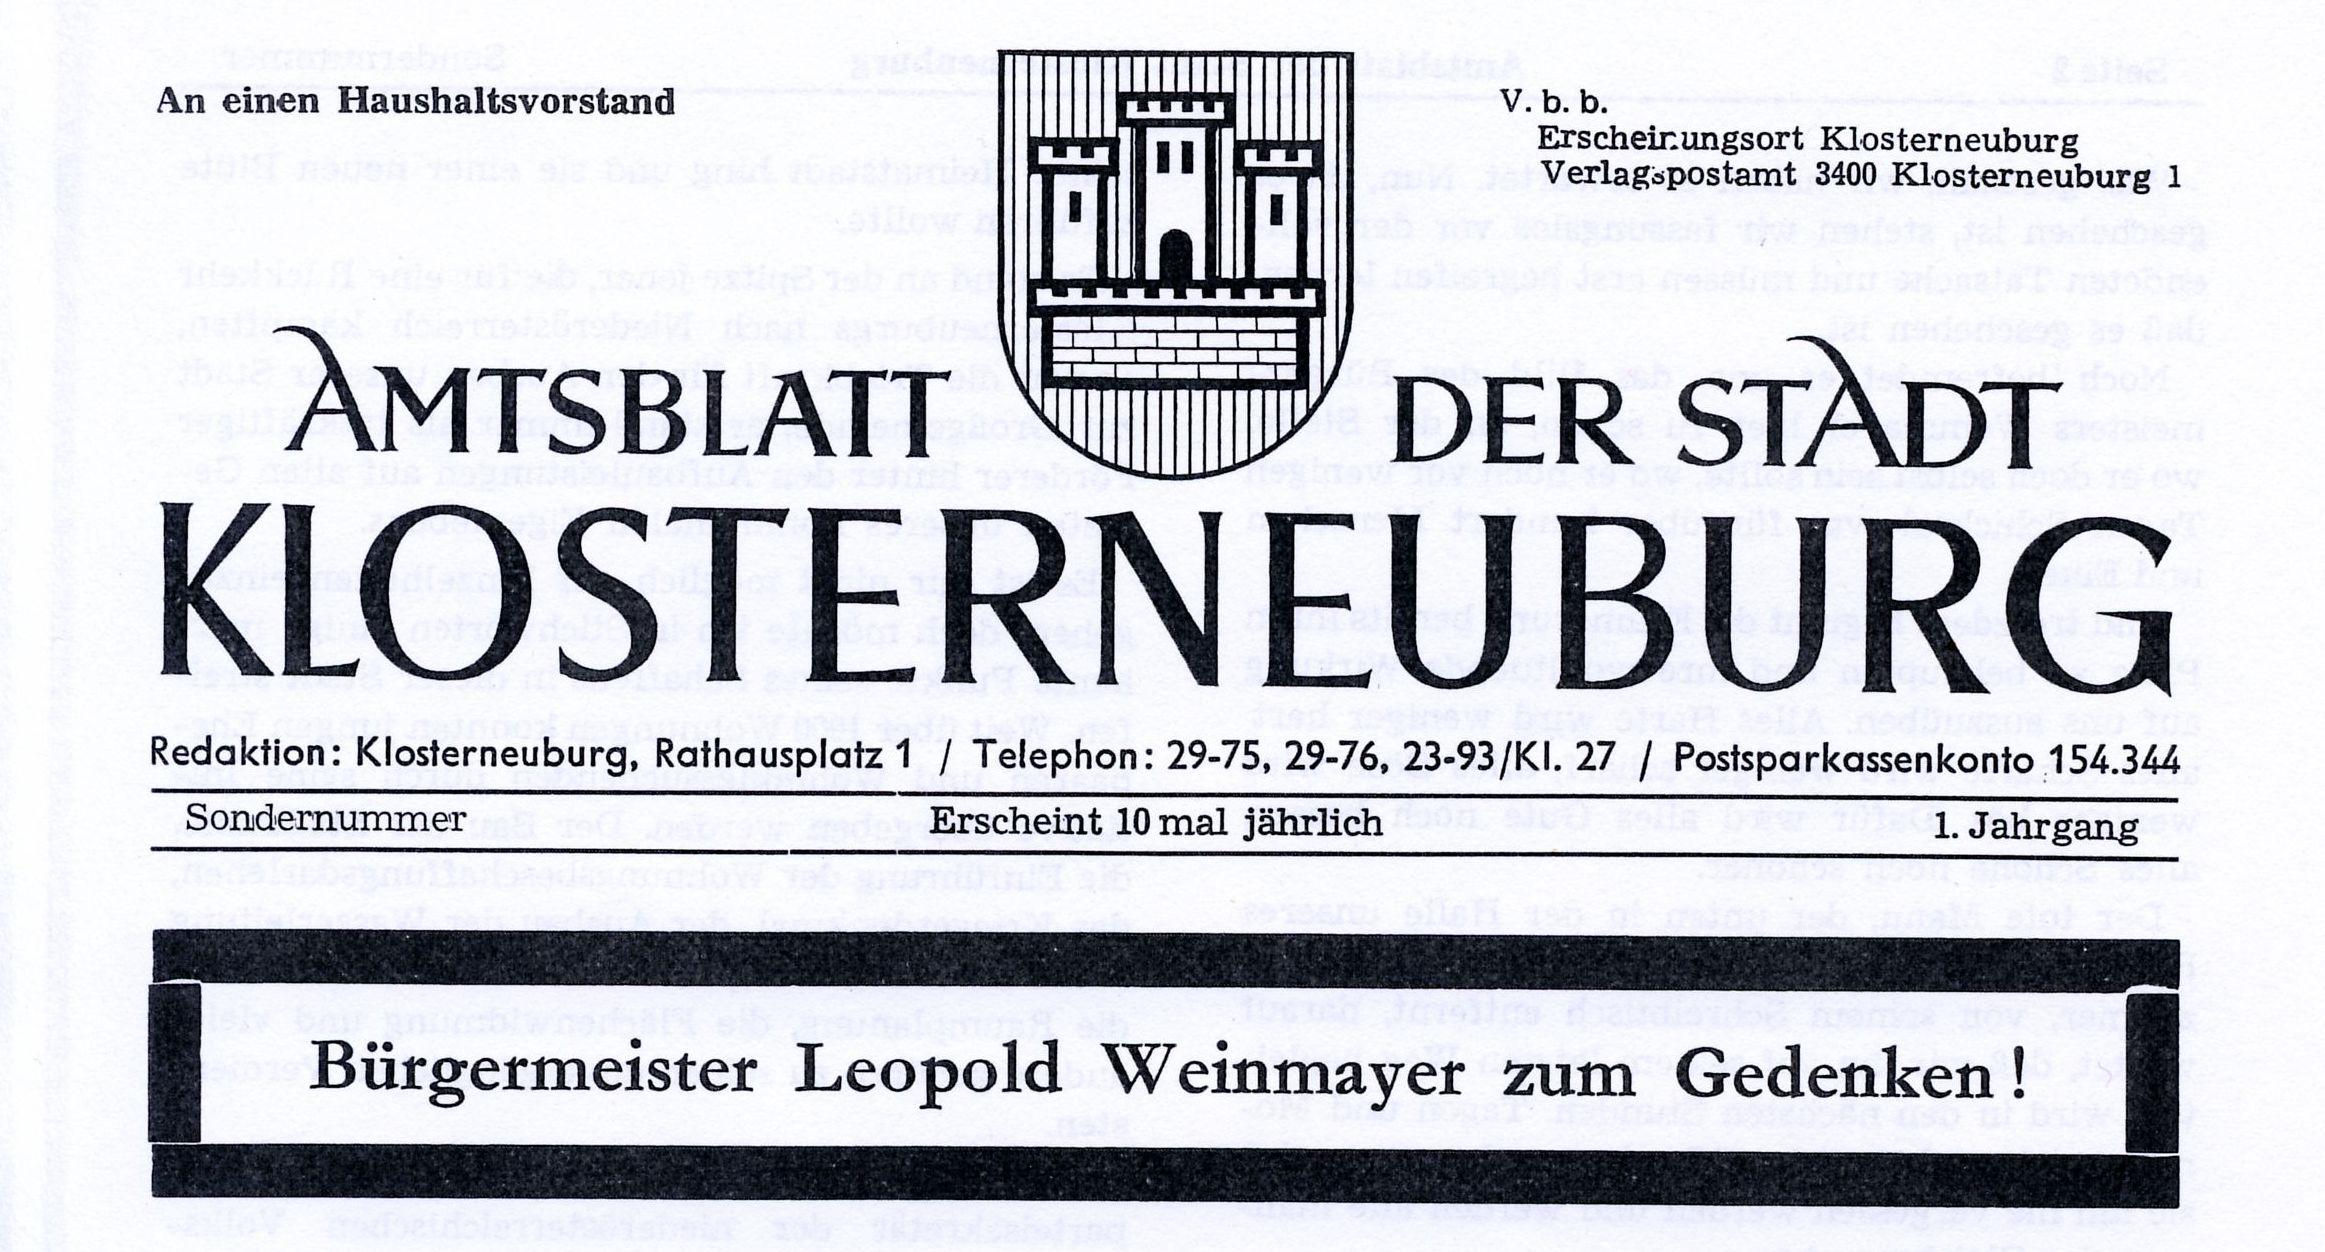 Gemütlich Hypothekendarlehen Offizier Lebenslauf Anschreiben Galerie ...